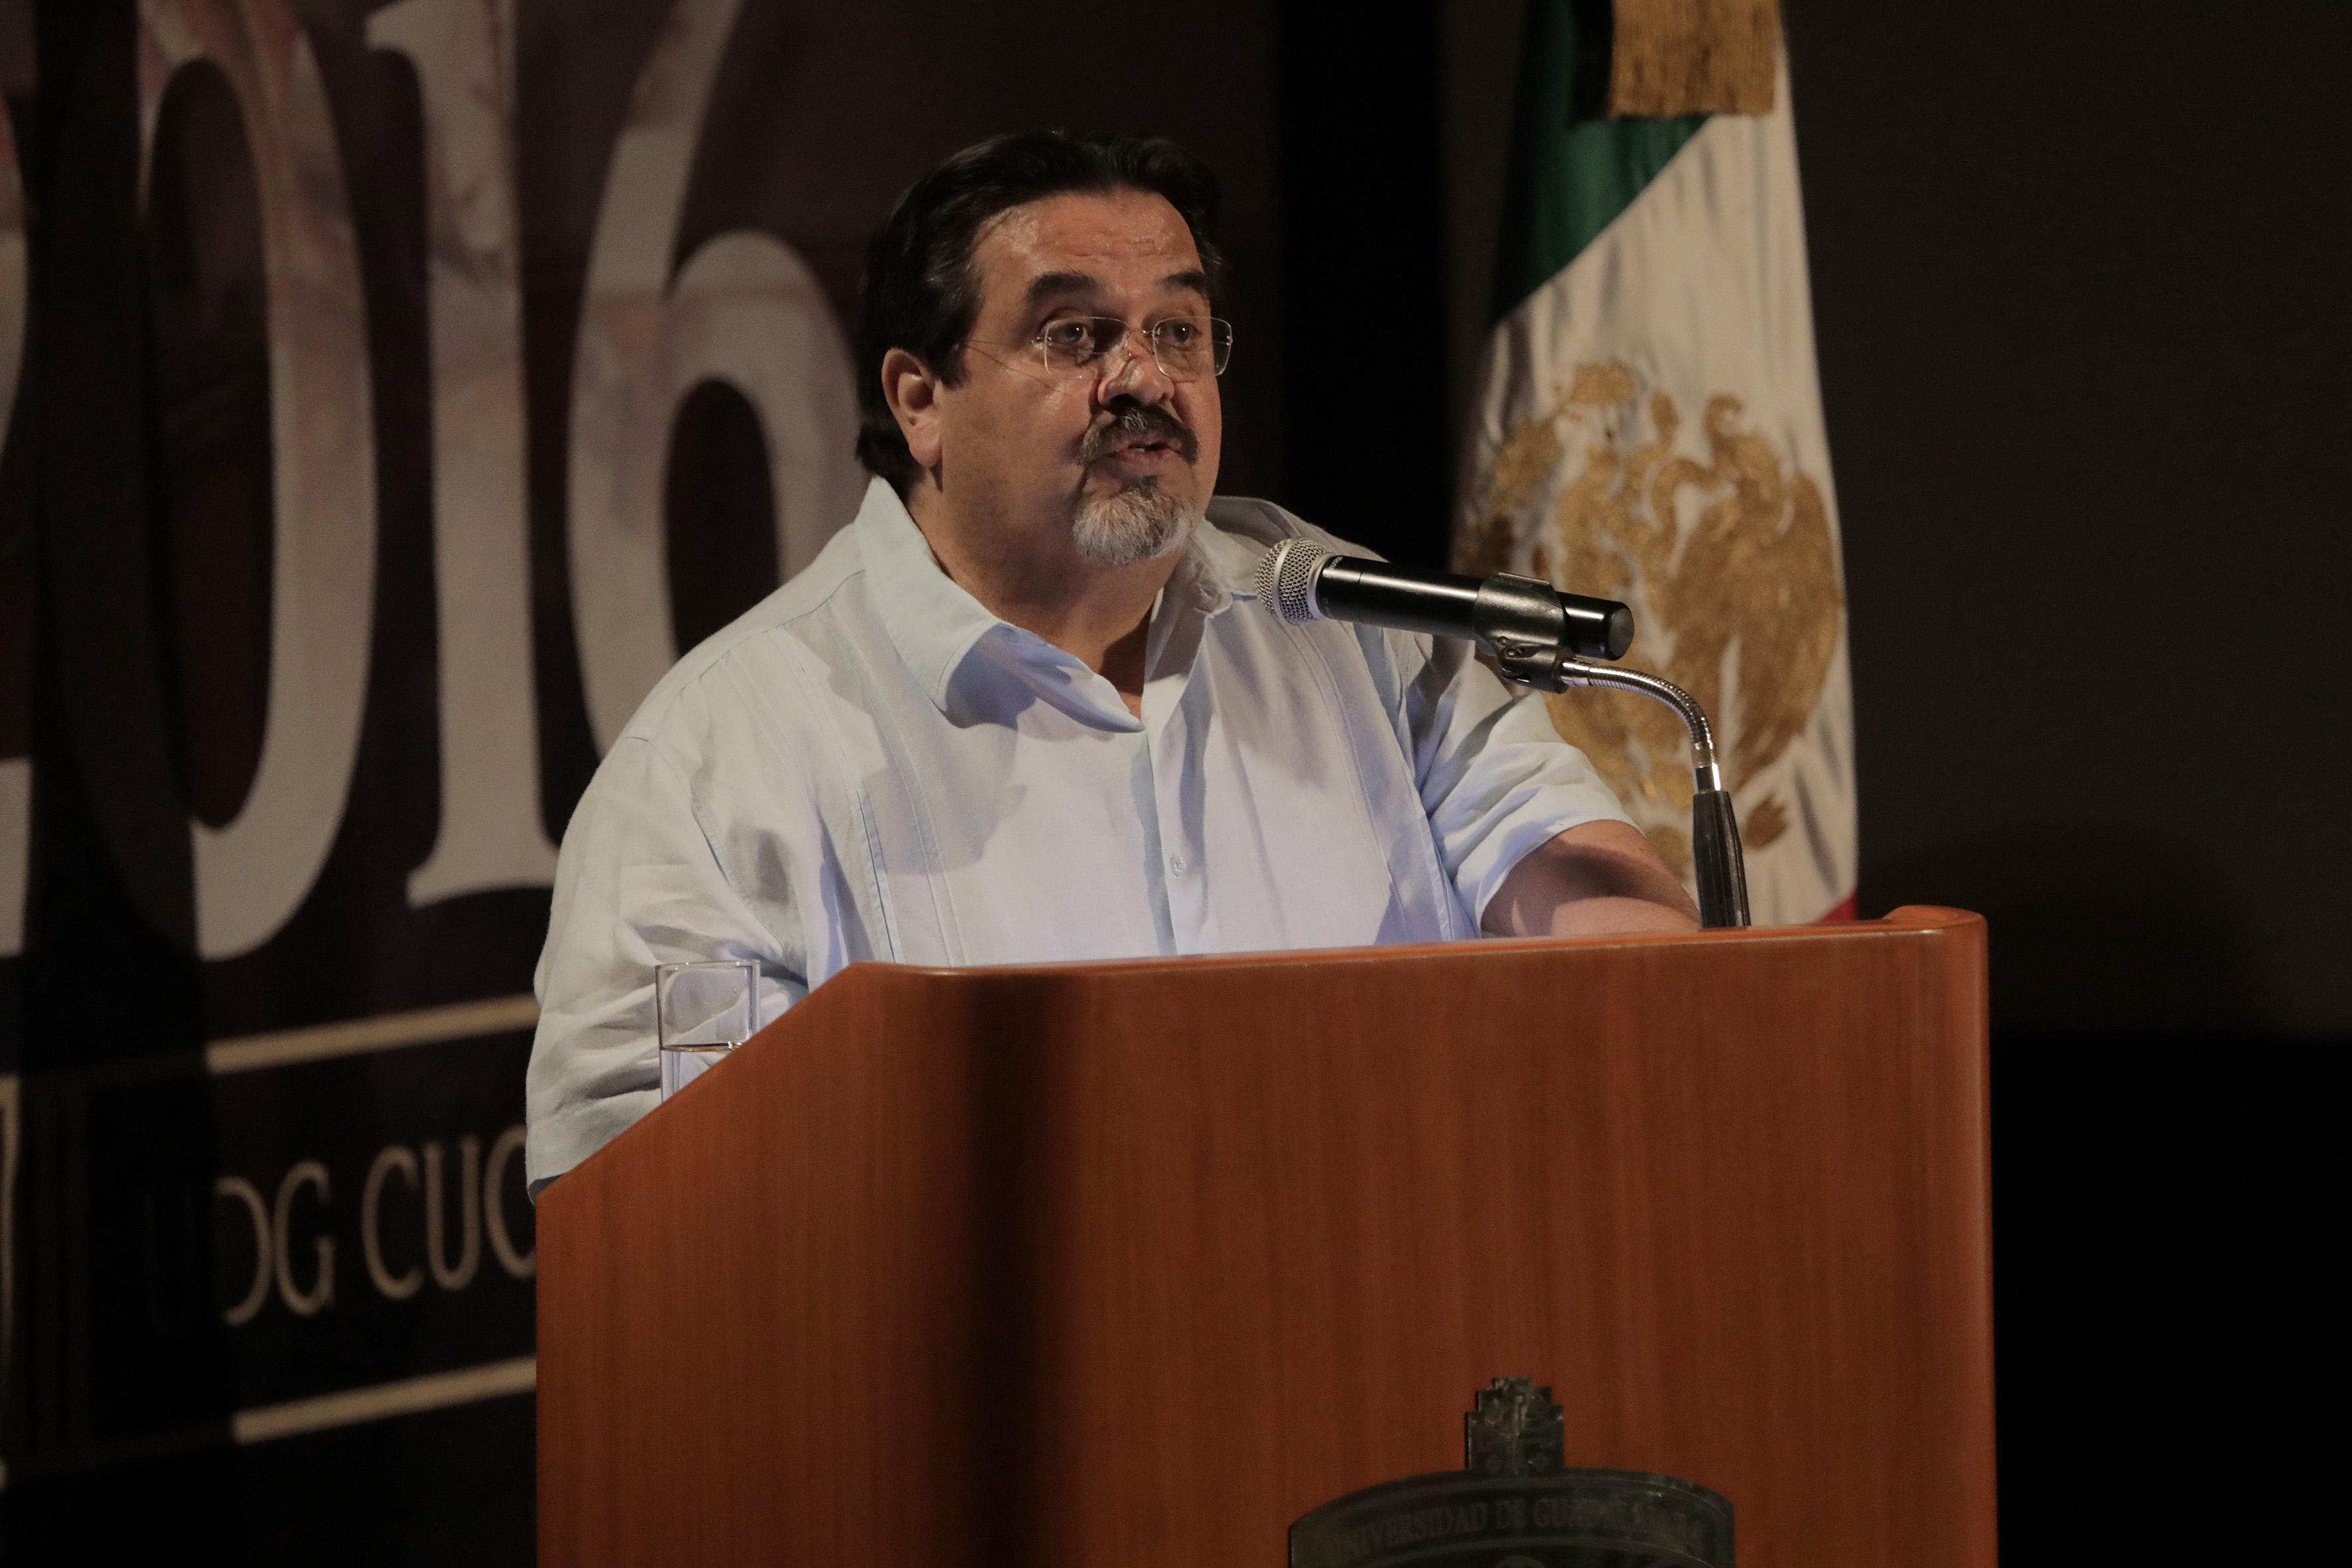 Marco Antonio Cortés Guardado, Rector del Centro Universitario de la Costa, en podium del auditorio, haciendo uso de la palabra.